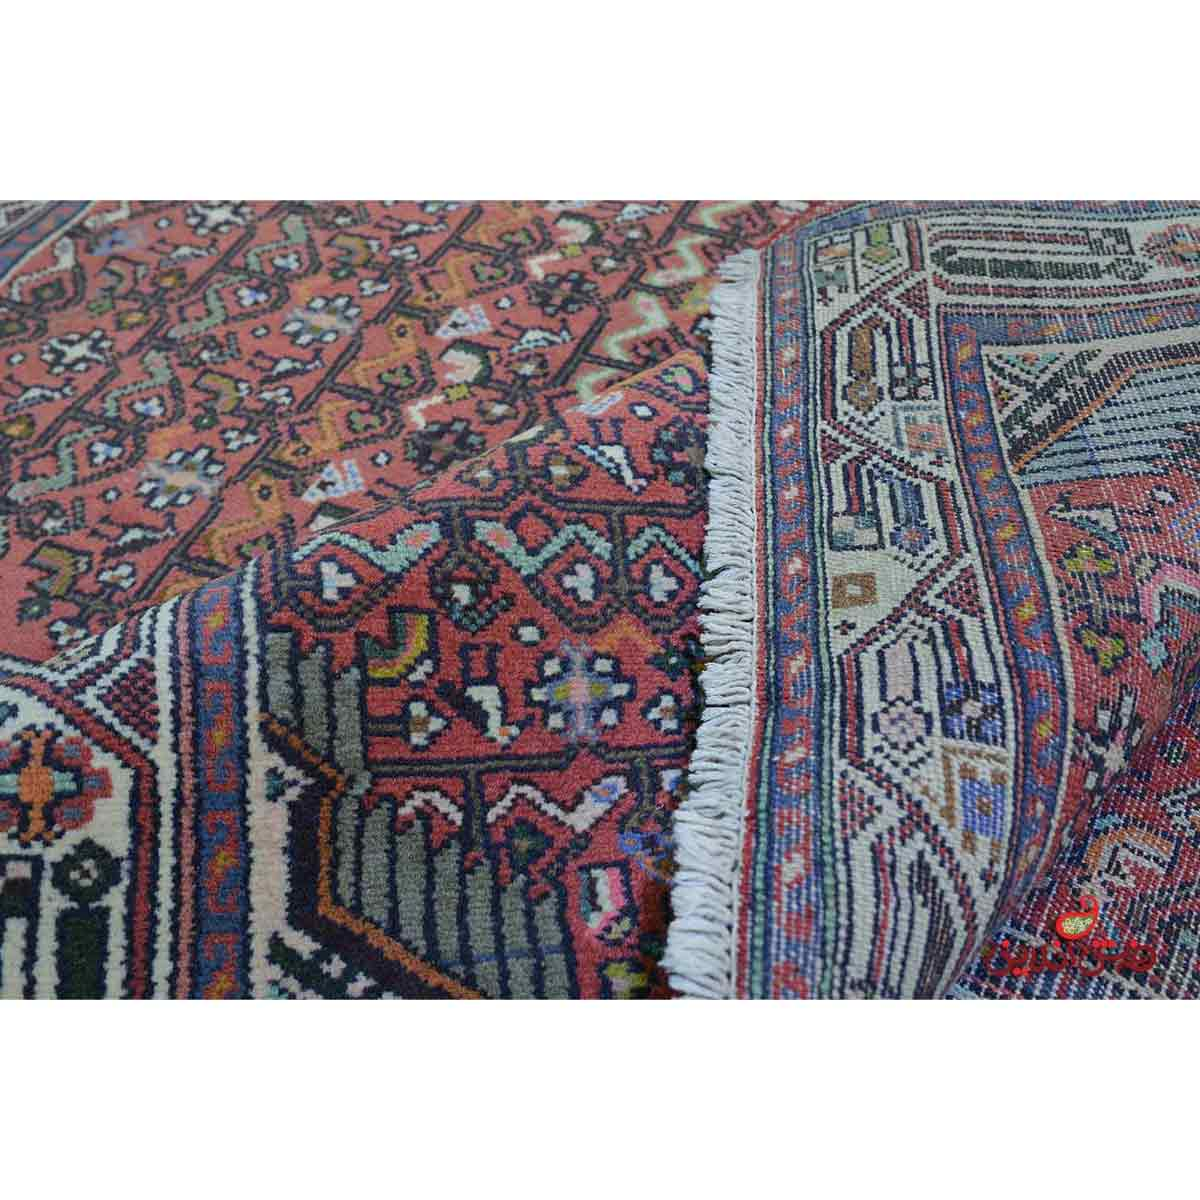 کناره دستباف اسدآباد کد 129521